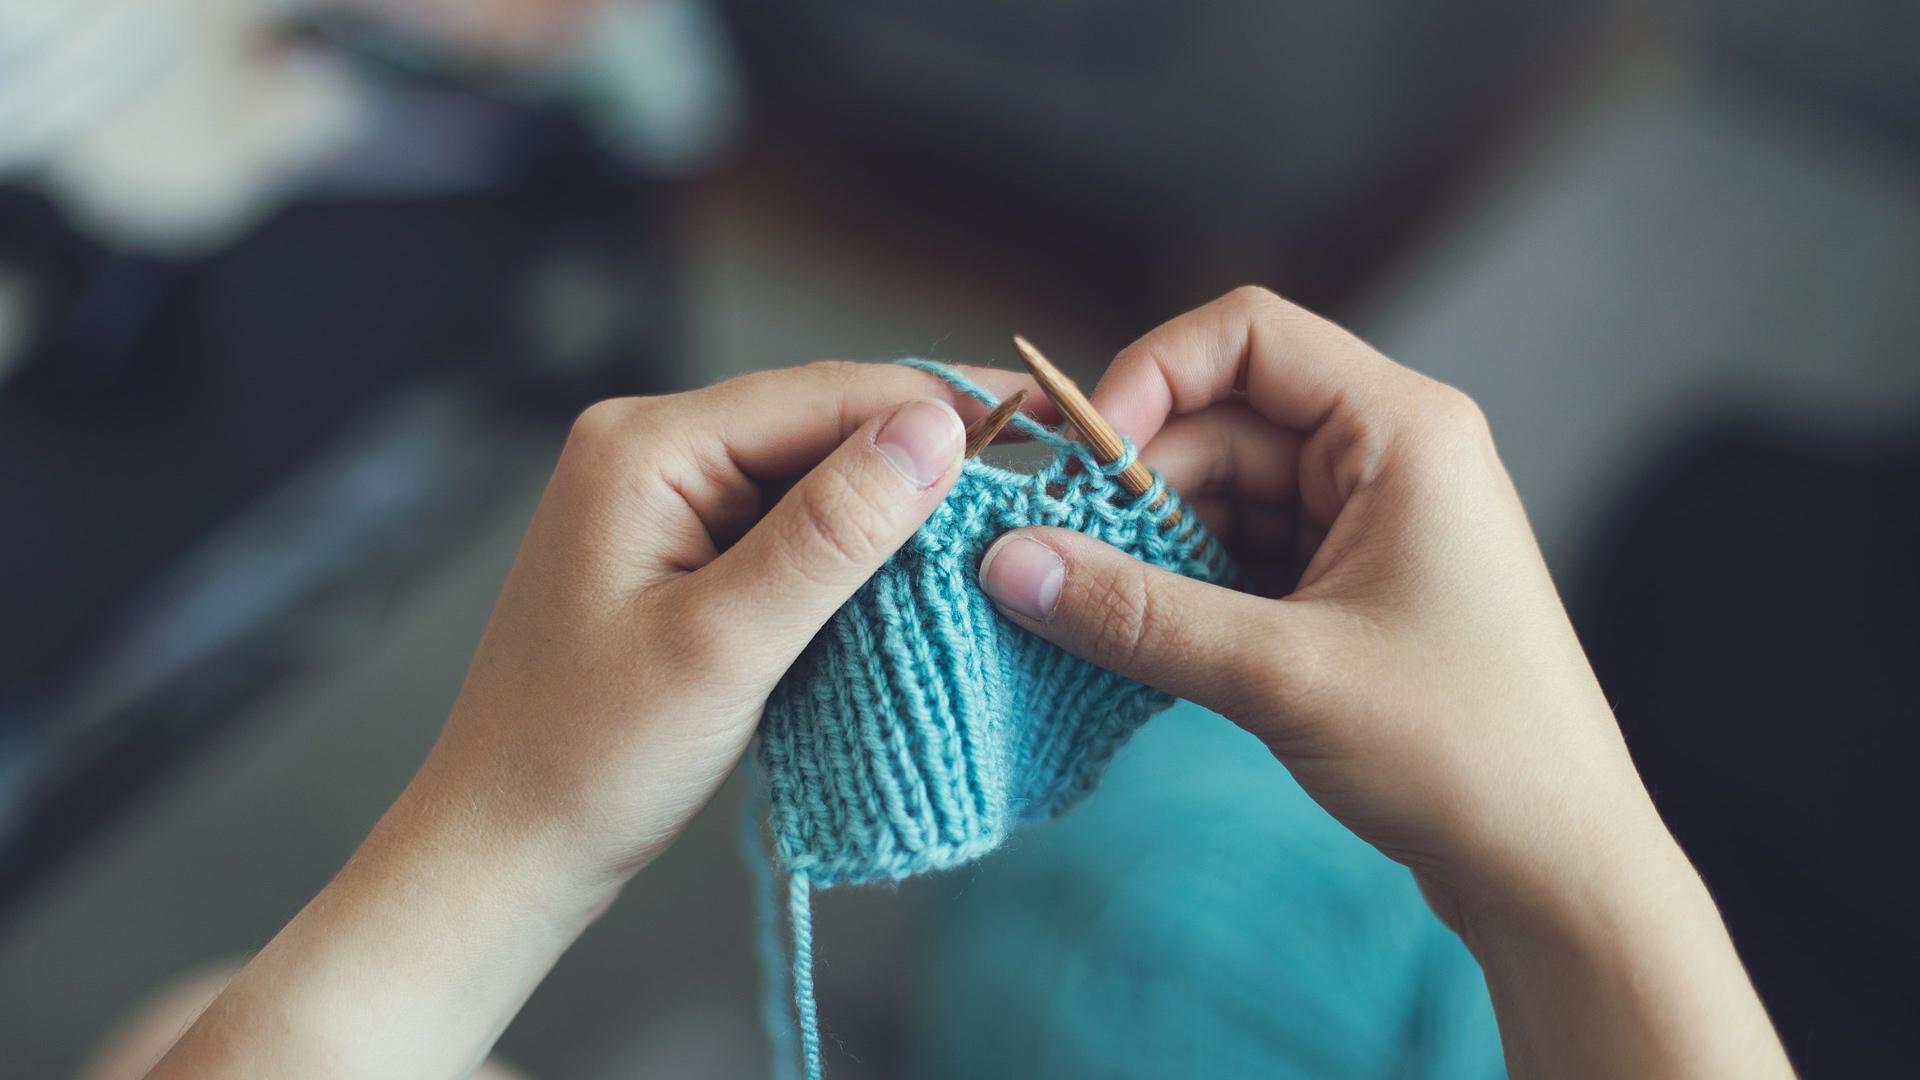 Einfach stricken lernen - so klappt es